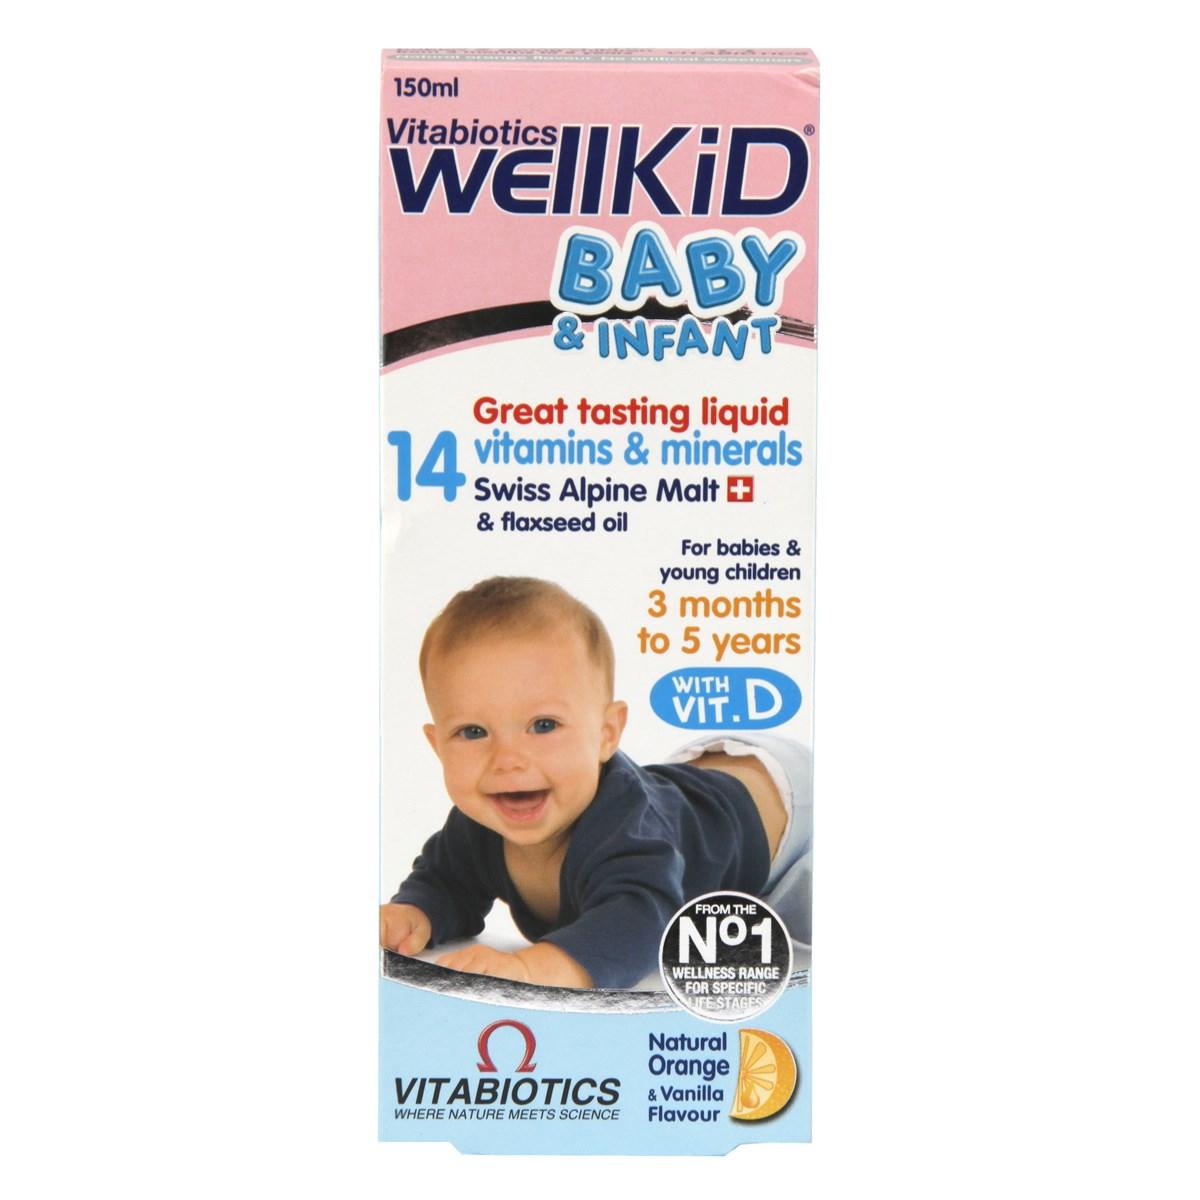 Vitabiotics WellBaby & Infant Liquid